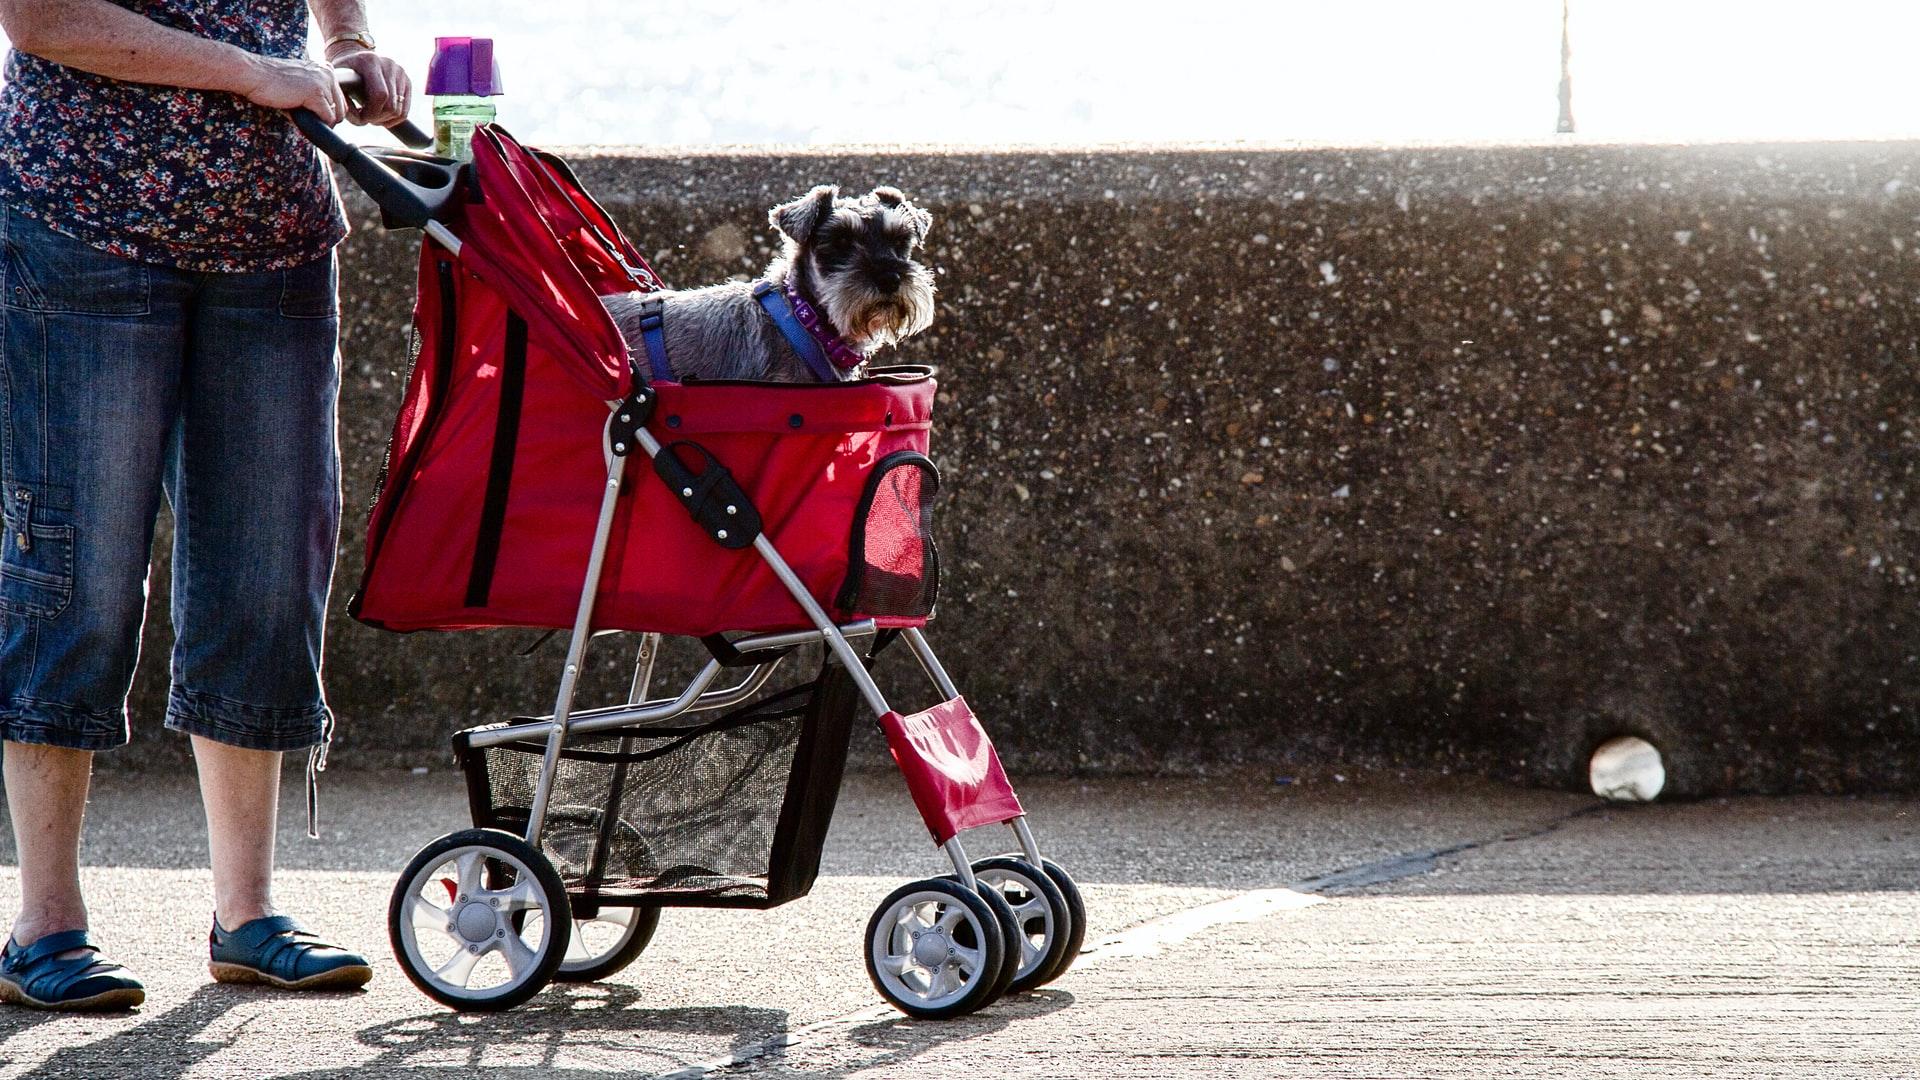 Passeggino per Cani - Foto: Unsplash.com